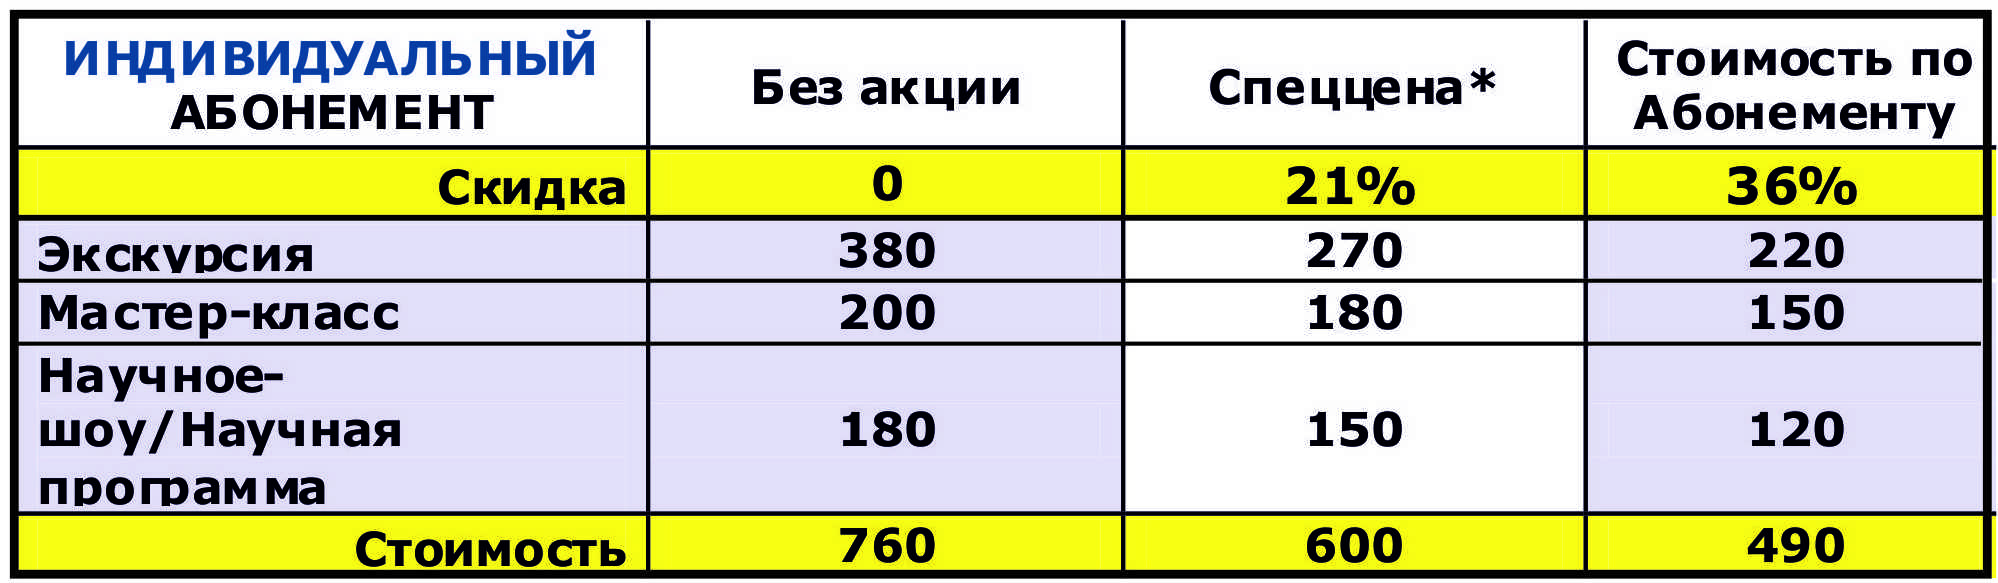 Индивидуальный_таблица